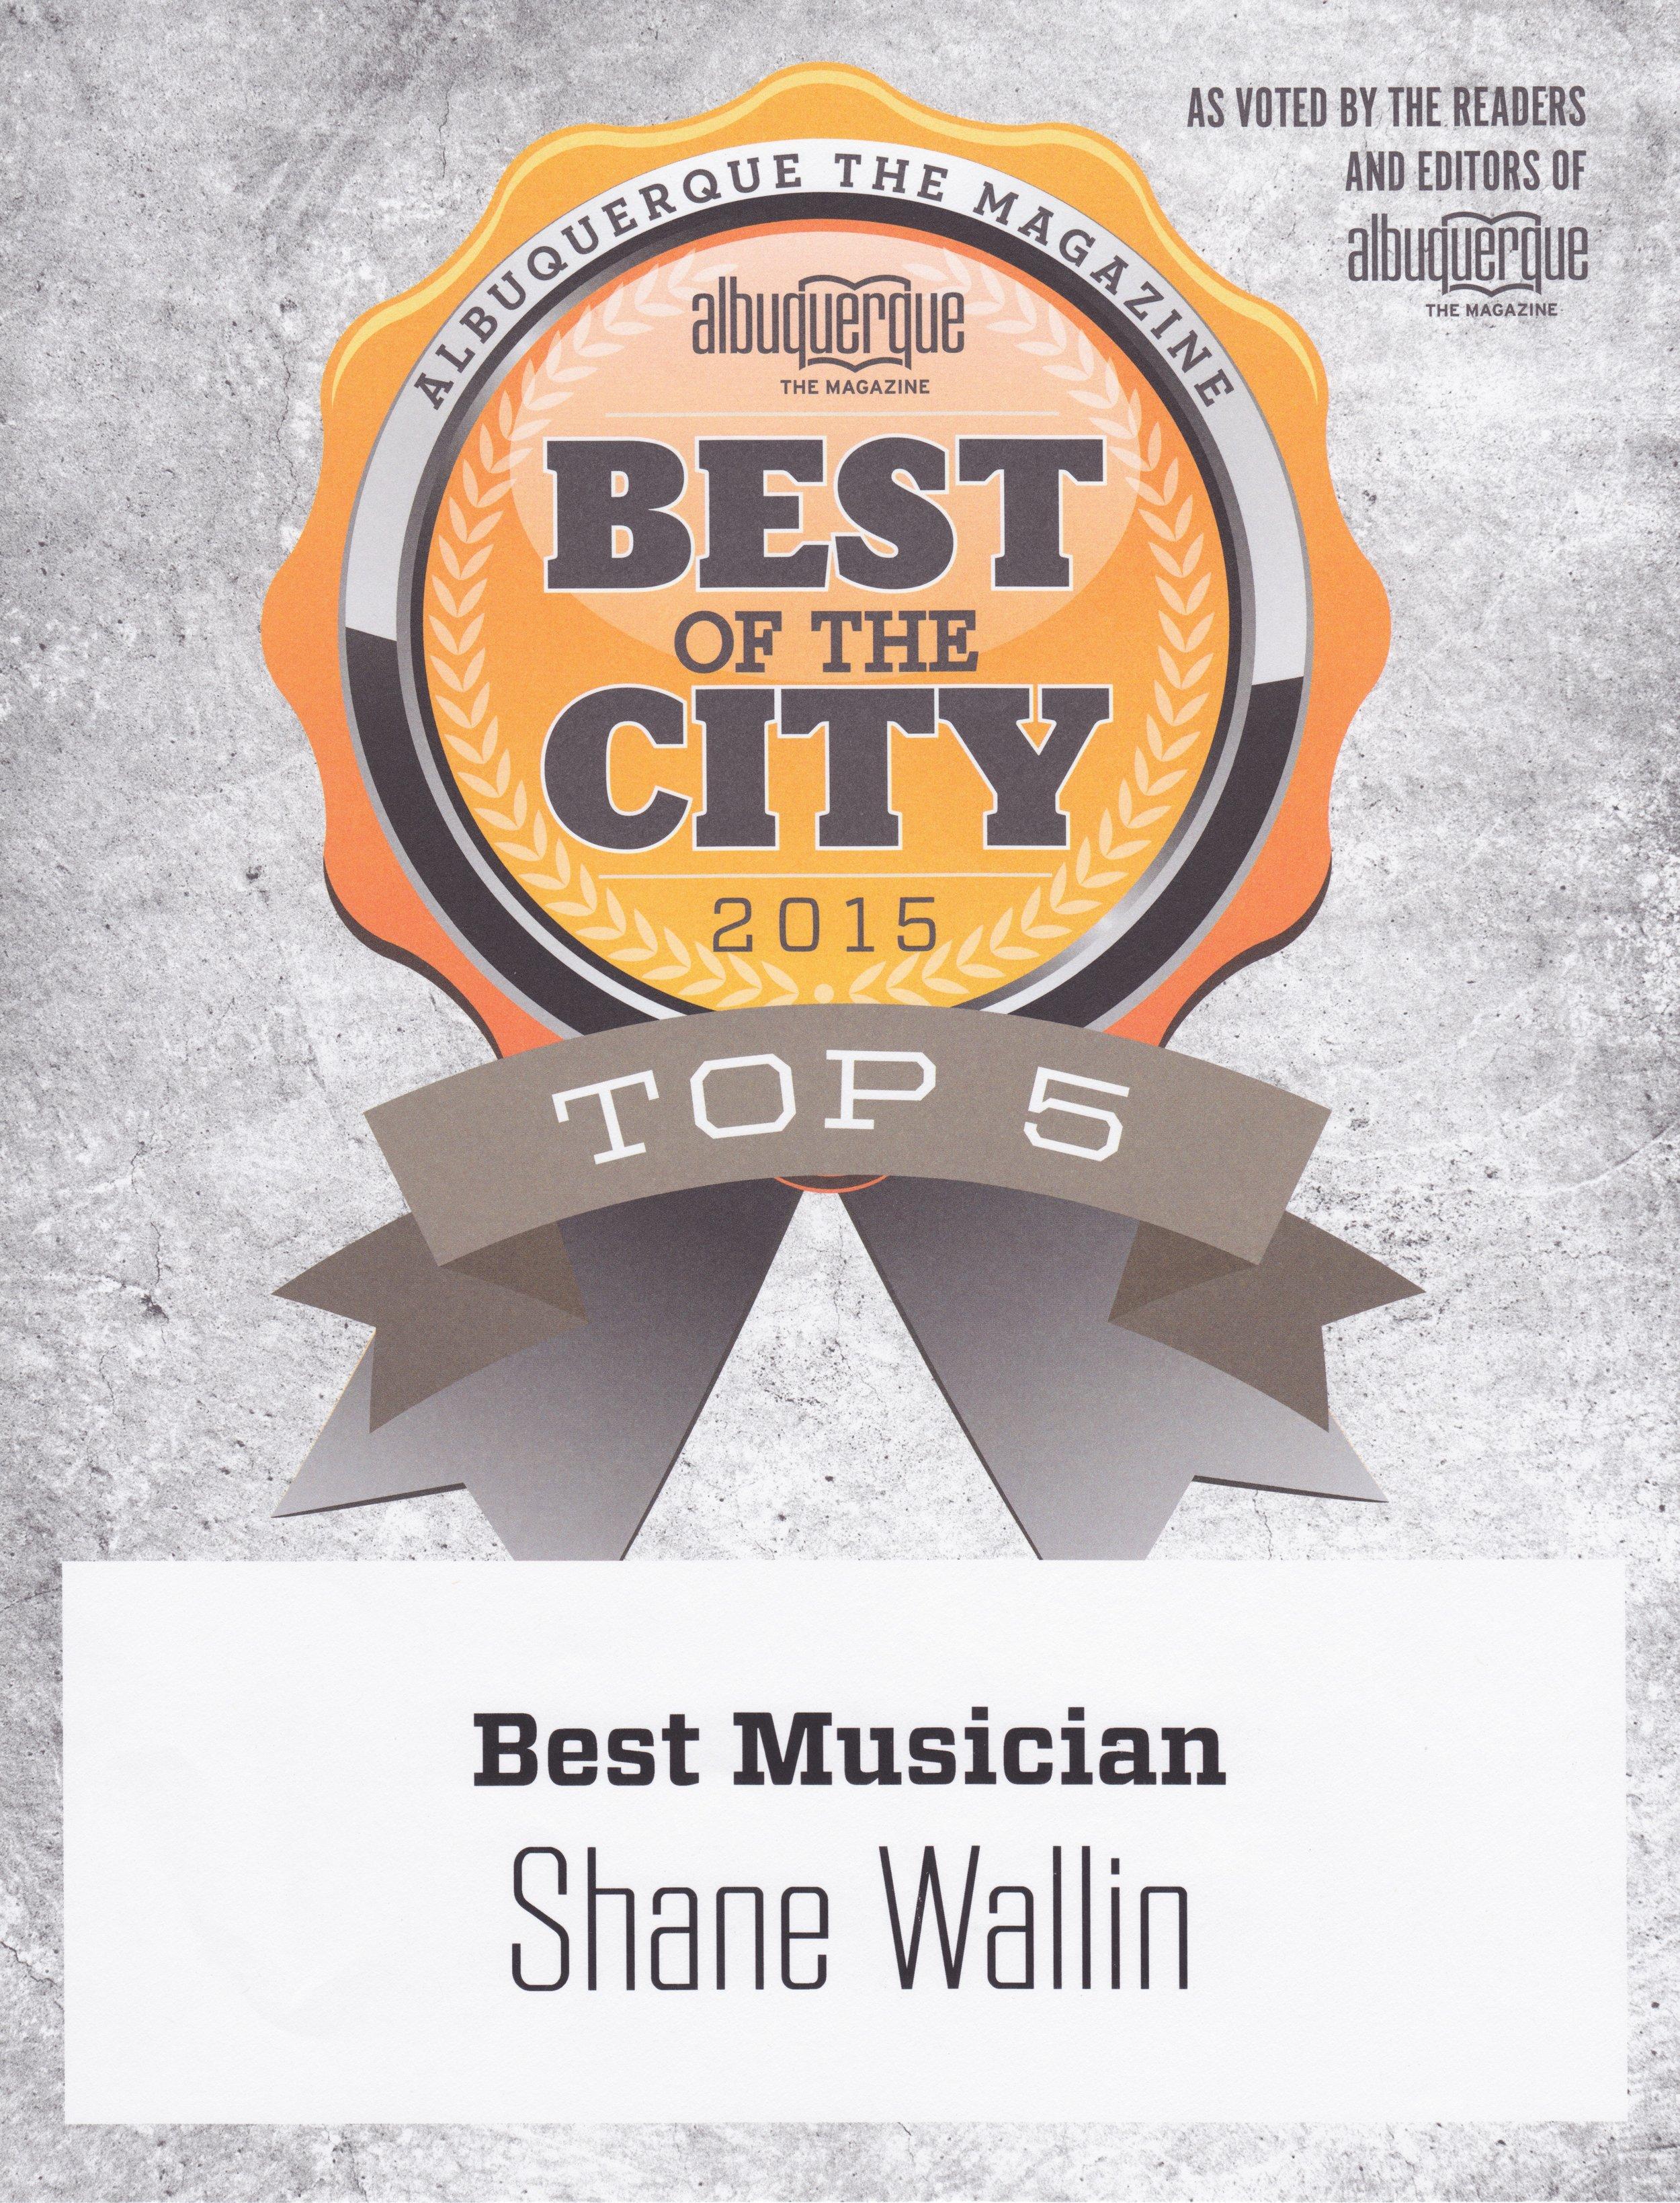 TOP MUSICIANS, NEW MEXICO, 2015. ALBUQUERQUE THE MAGAZINE.